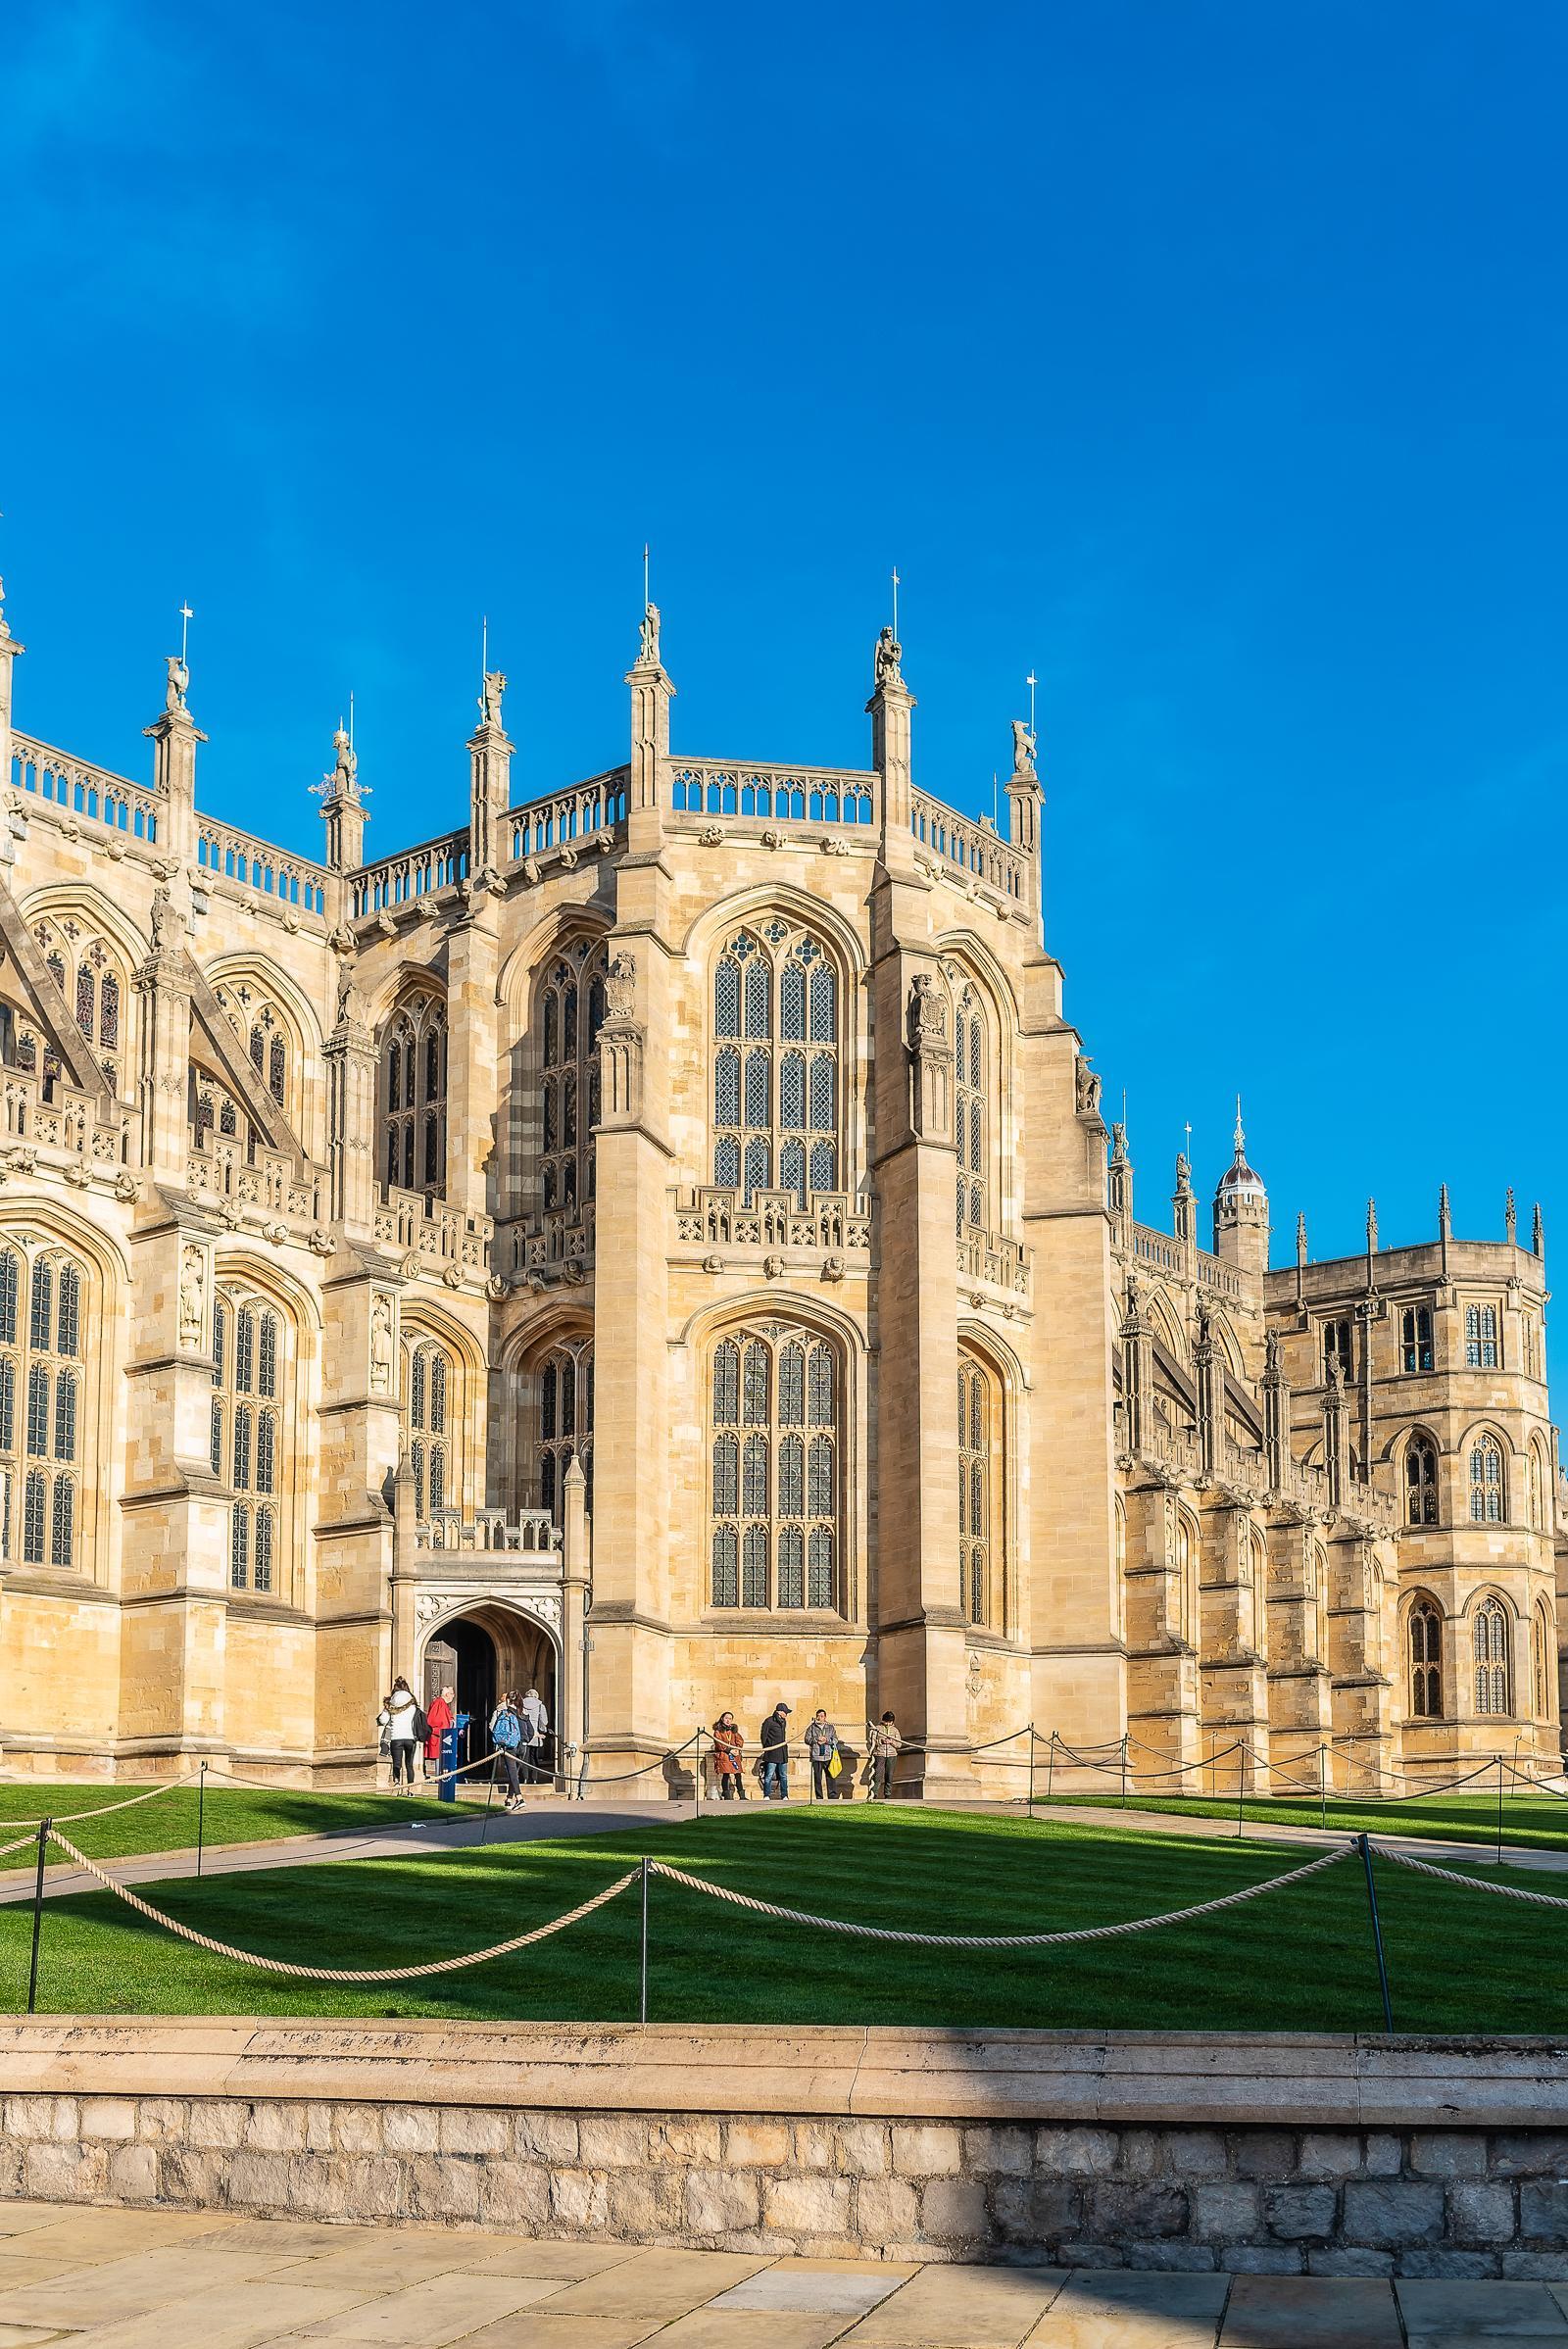 Windsor Castle England December 2018